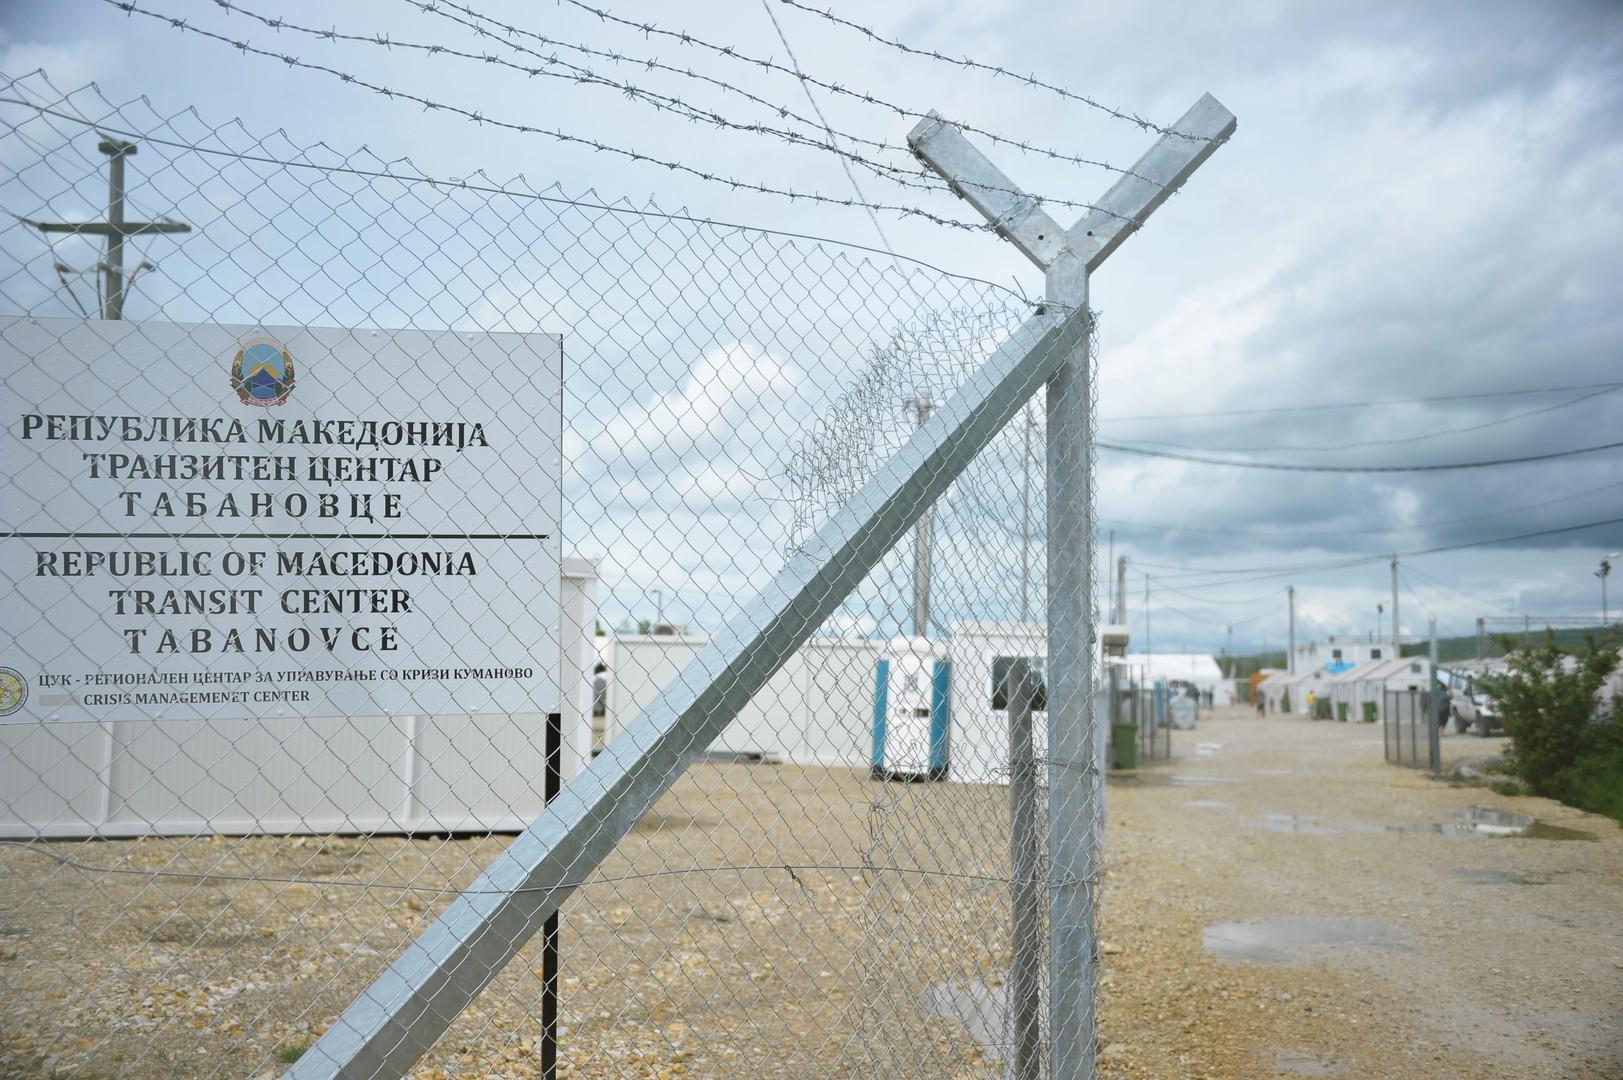 Ein Abfanglager für Flüchtlinge aus dem Nahen Osten im mazedonischen Tabanowze an der Grenze zu Serbien